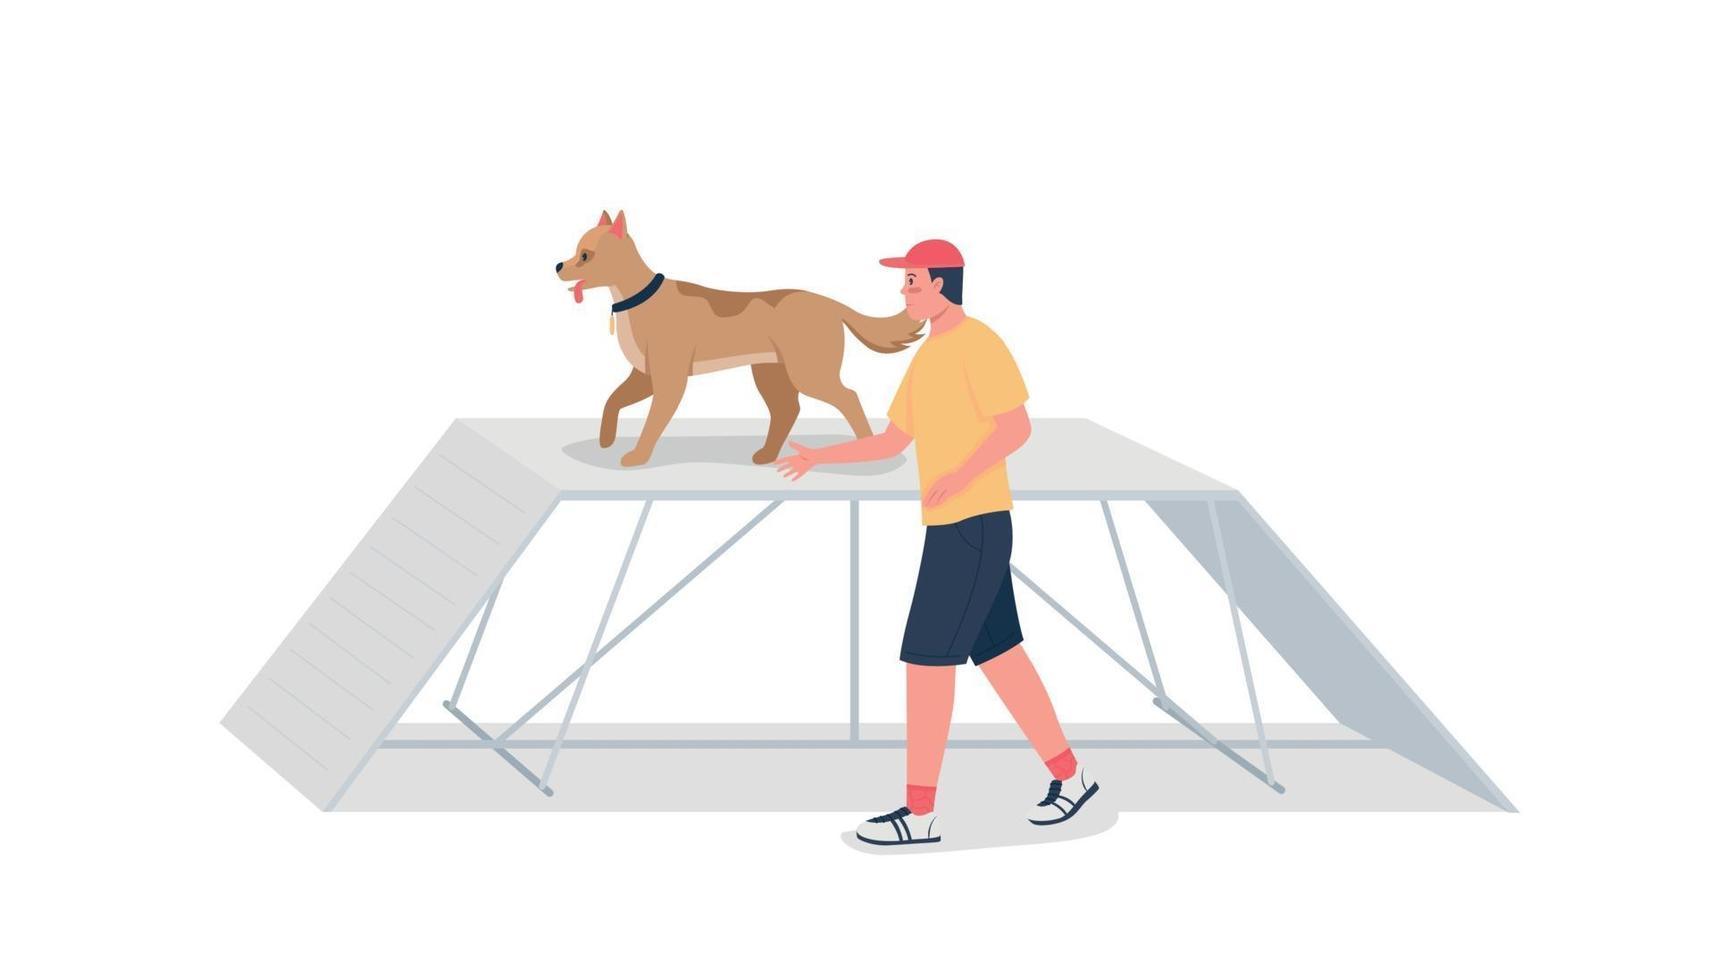 man utbildning hund på hinderbana platt färg vektor detaljerad karaktär